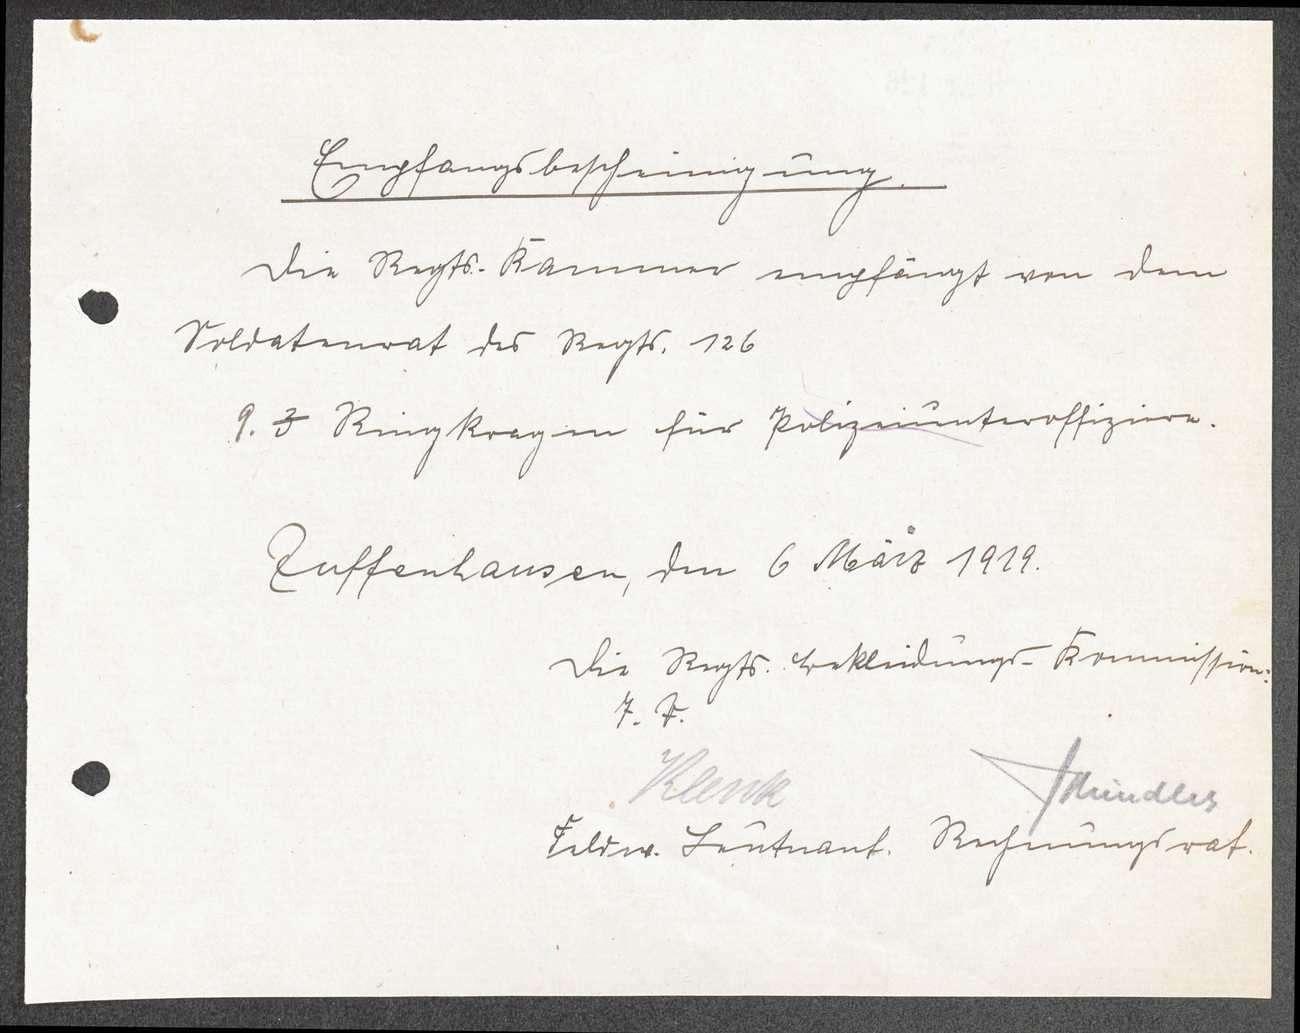 Empfangsbescheinigung der Regimentsbekleidungskommission über erhaltene Ausrüstungsgegenstände, Bild 1